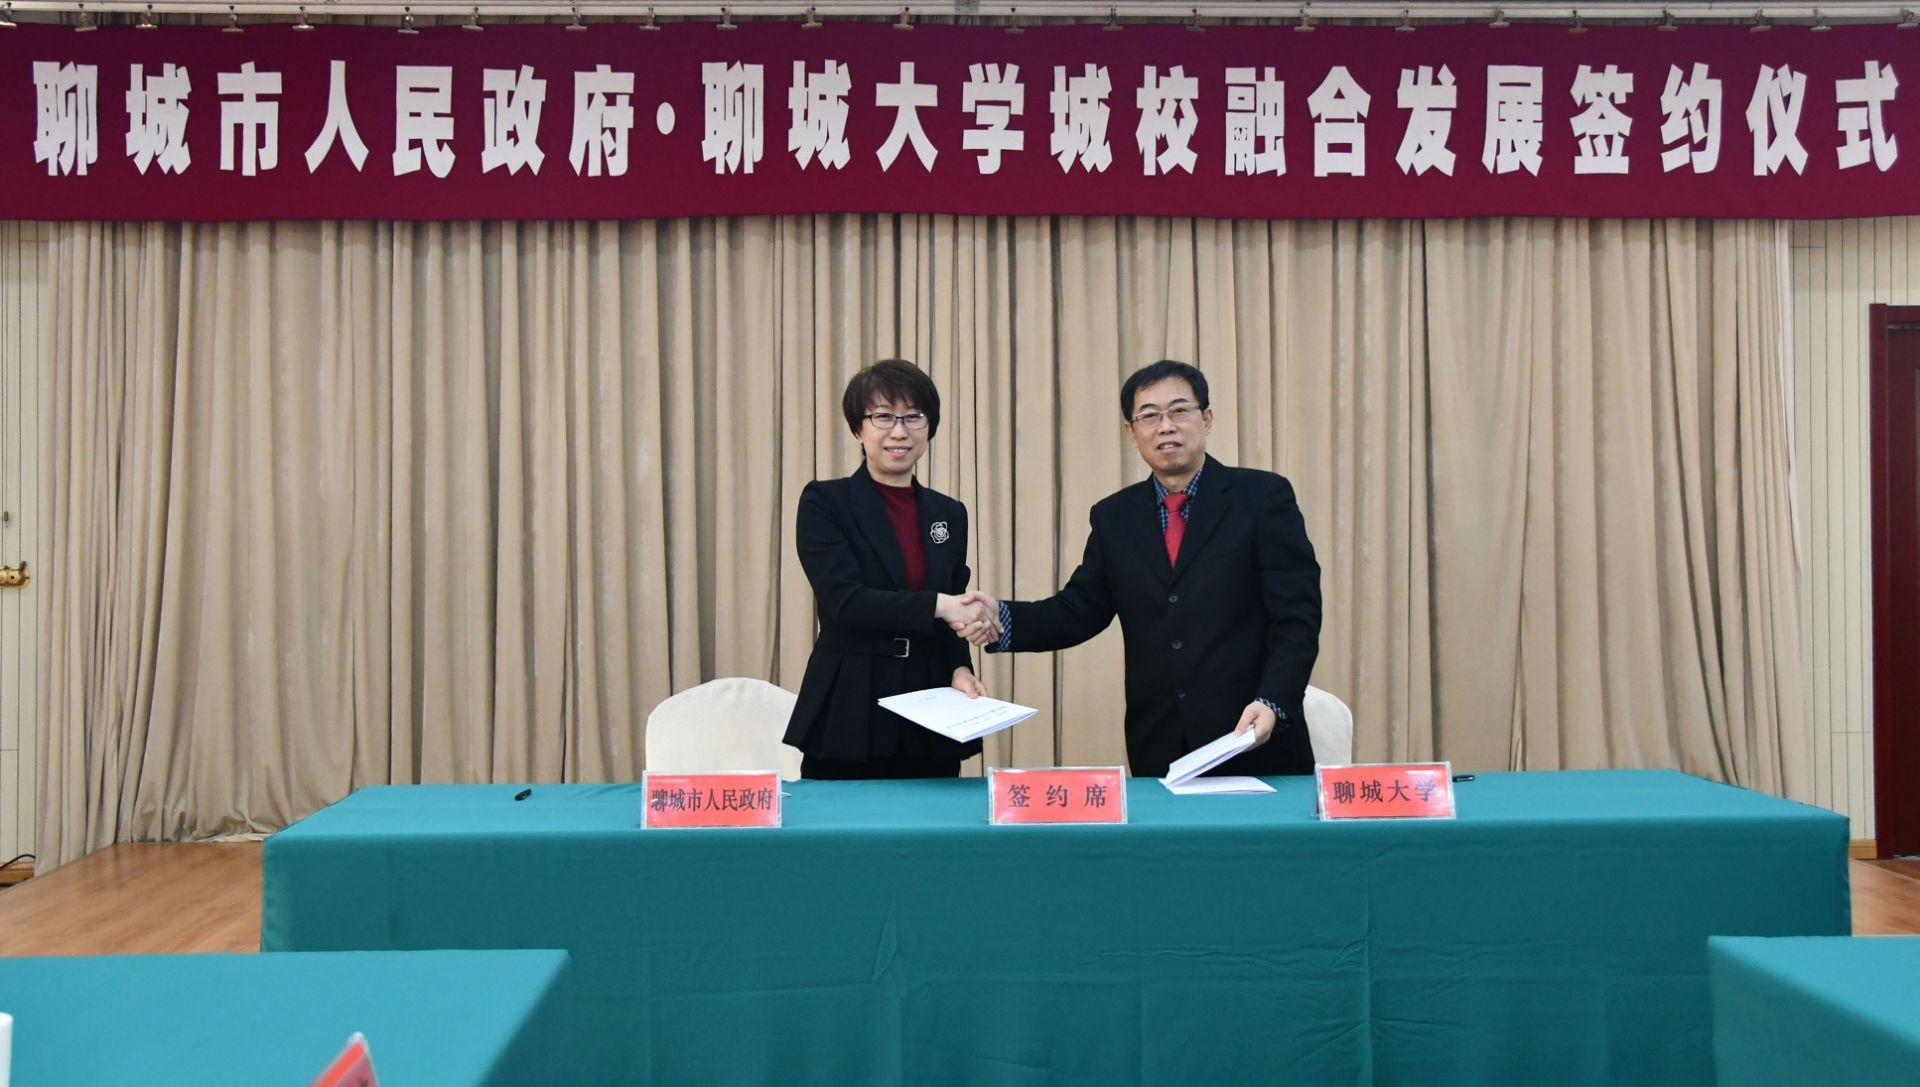 """聊城市人民政府与聊城大学签约城校融合发展 共建""""十大工程"""""""